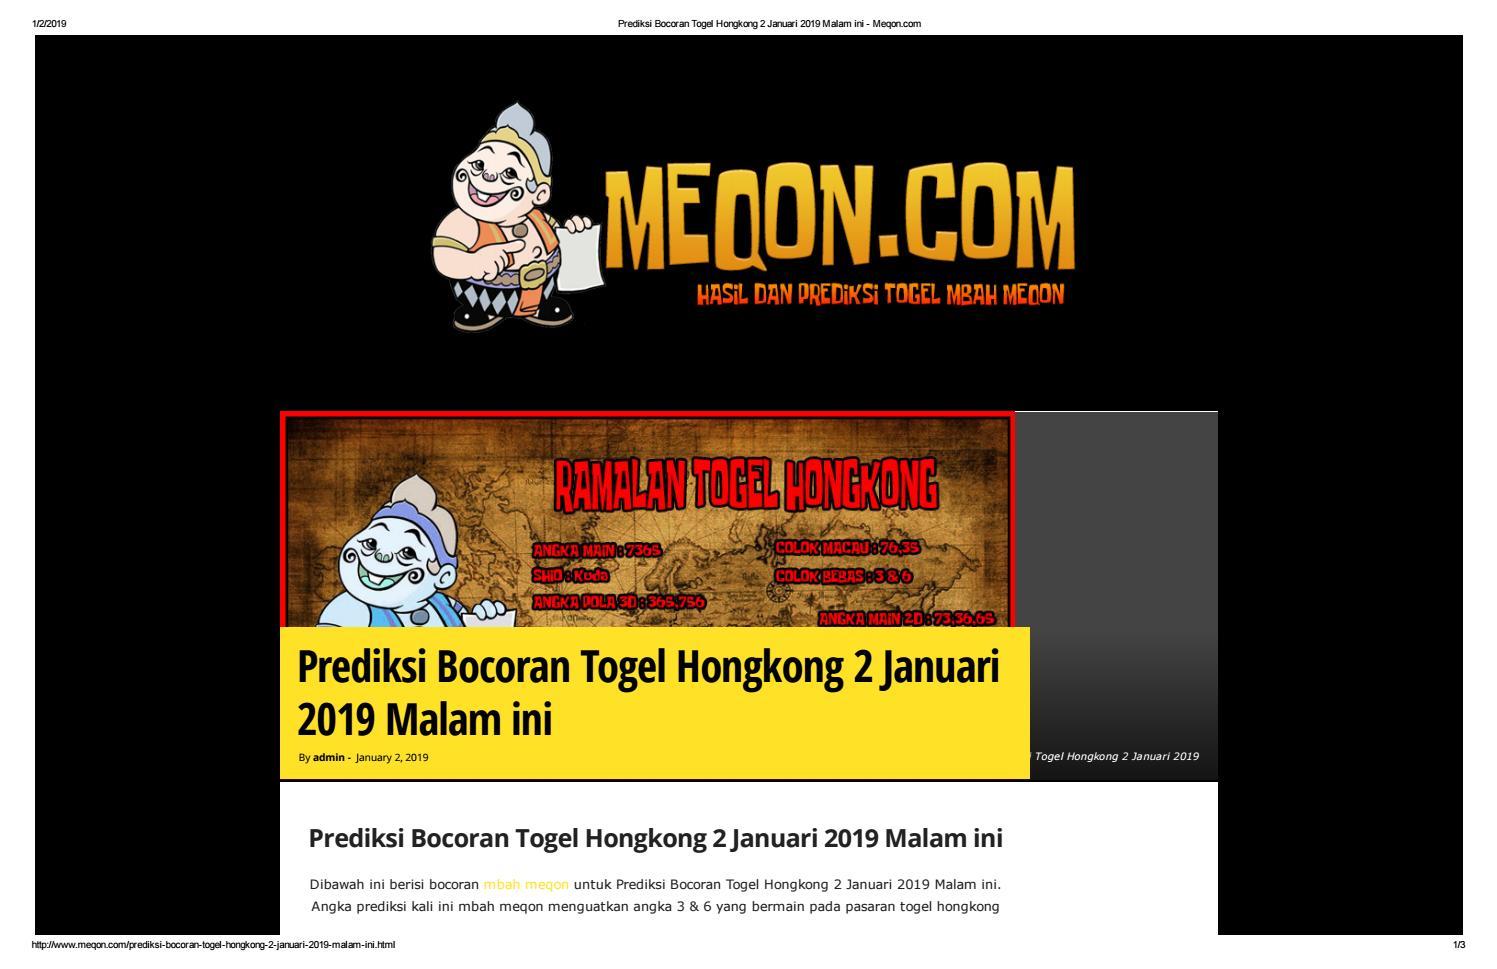 Prediksi Bocoran Togel Hongkong 2 Januari 2019 Malam ini - Meqon